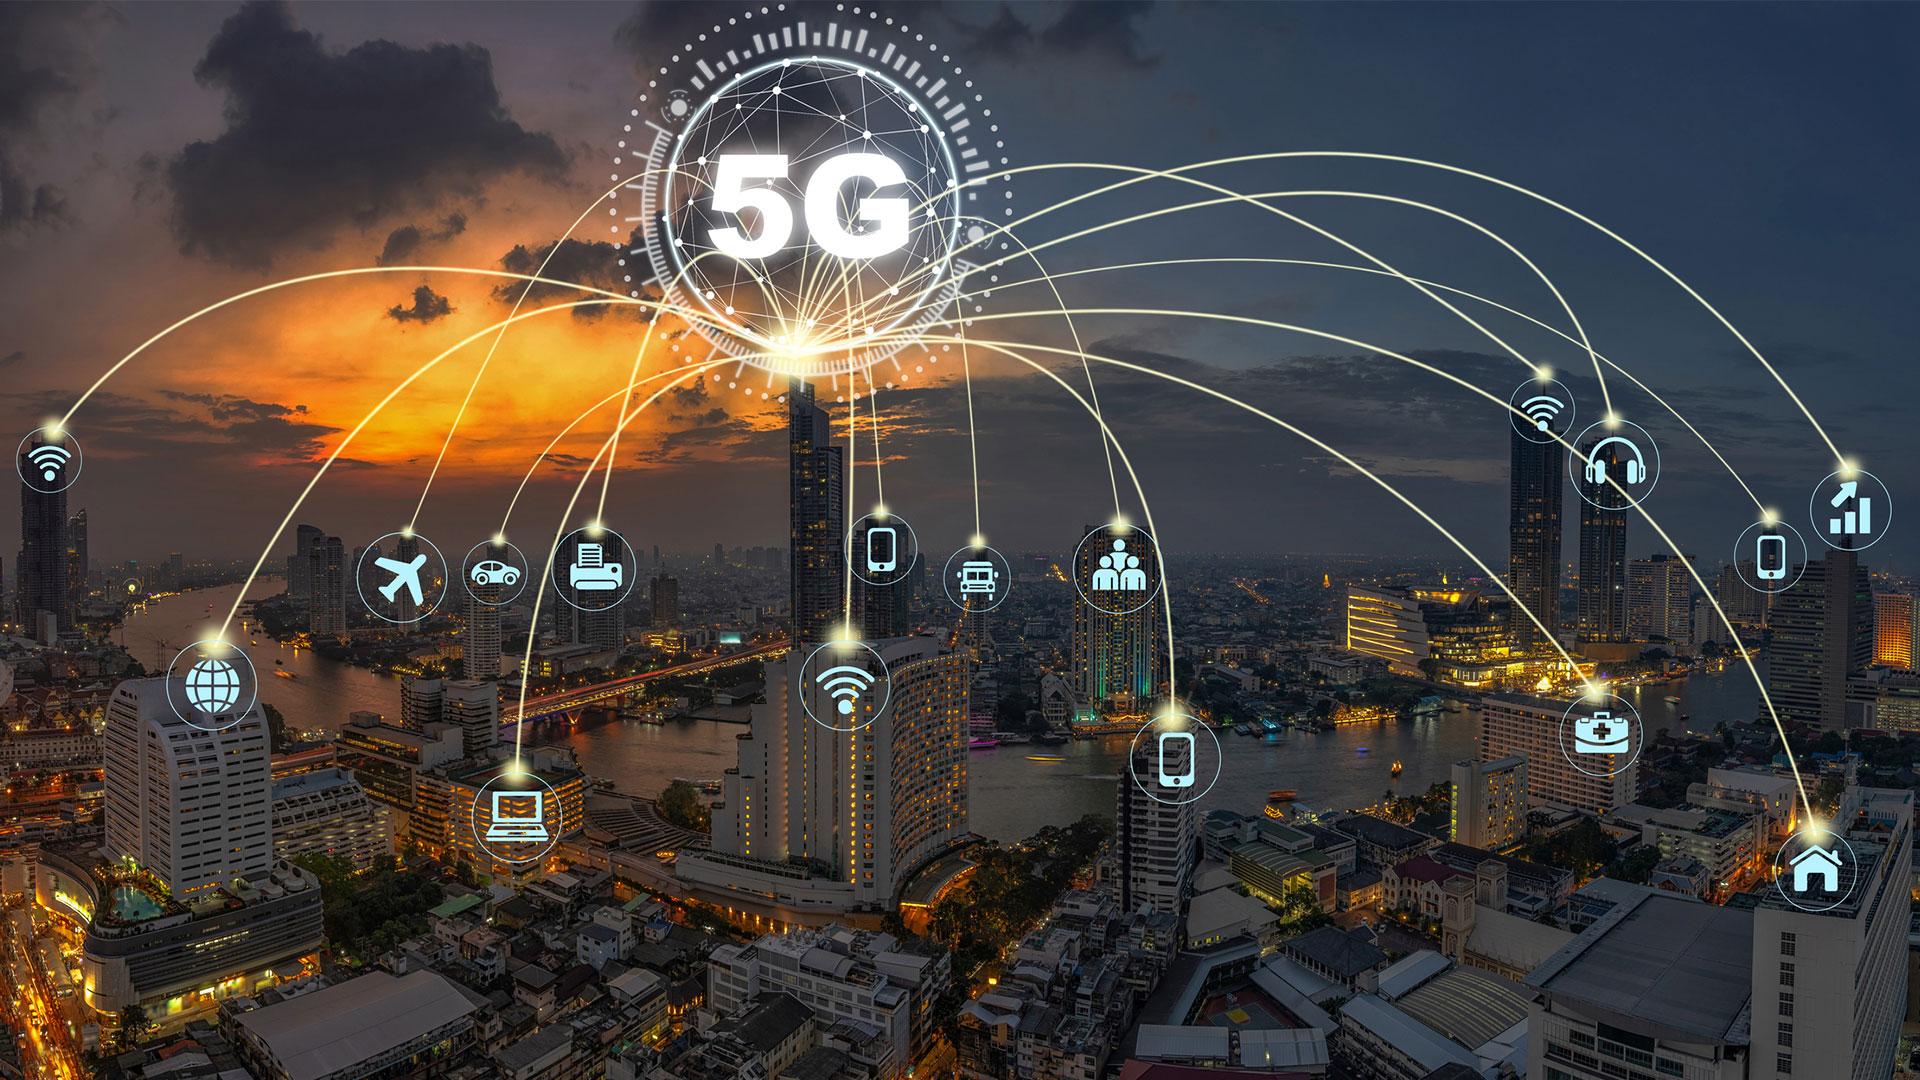 5G New Technology